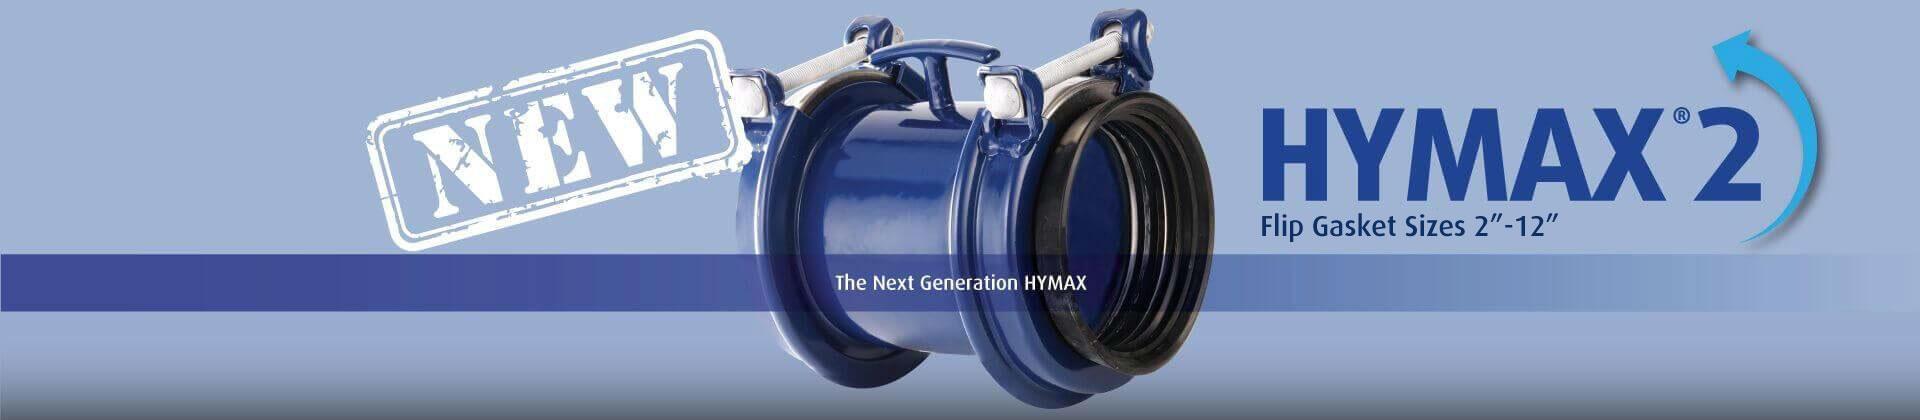 hymax 2